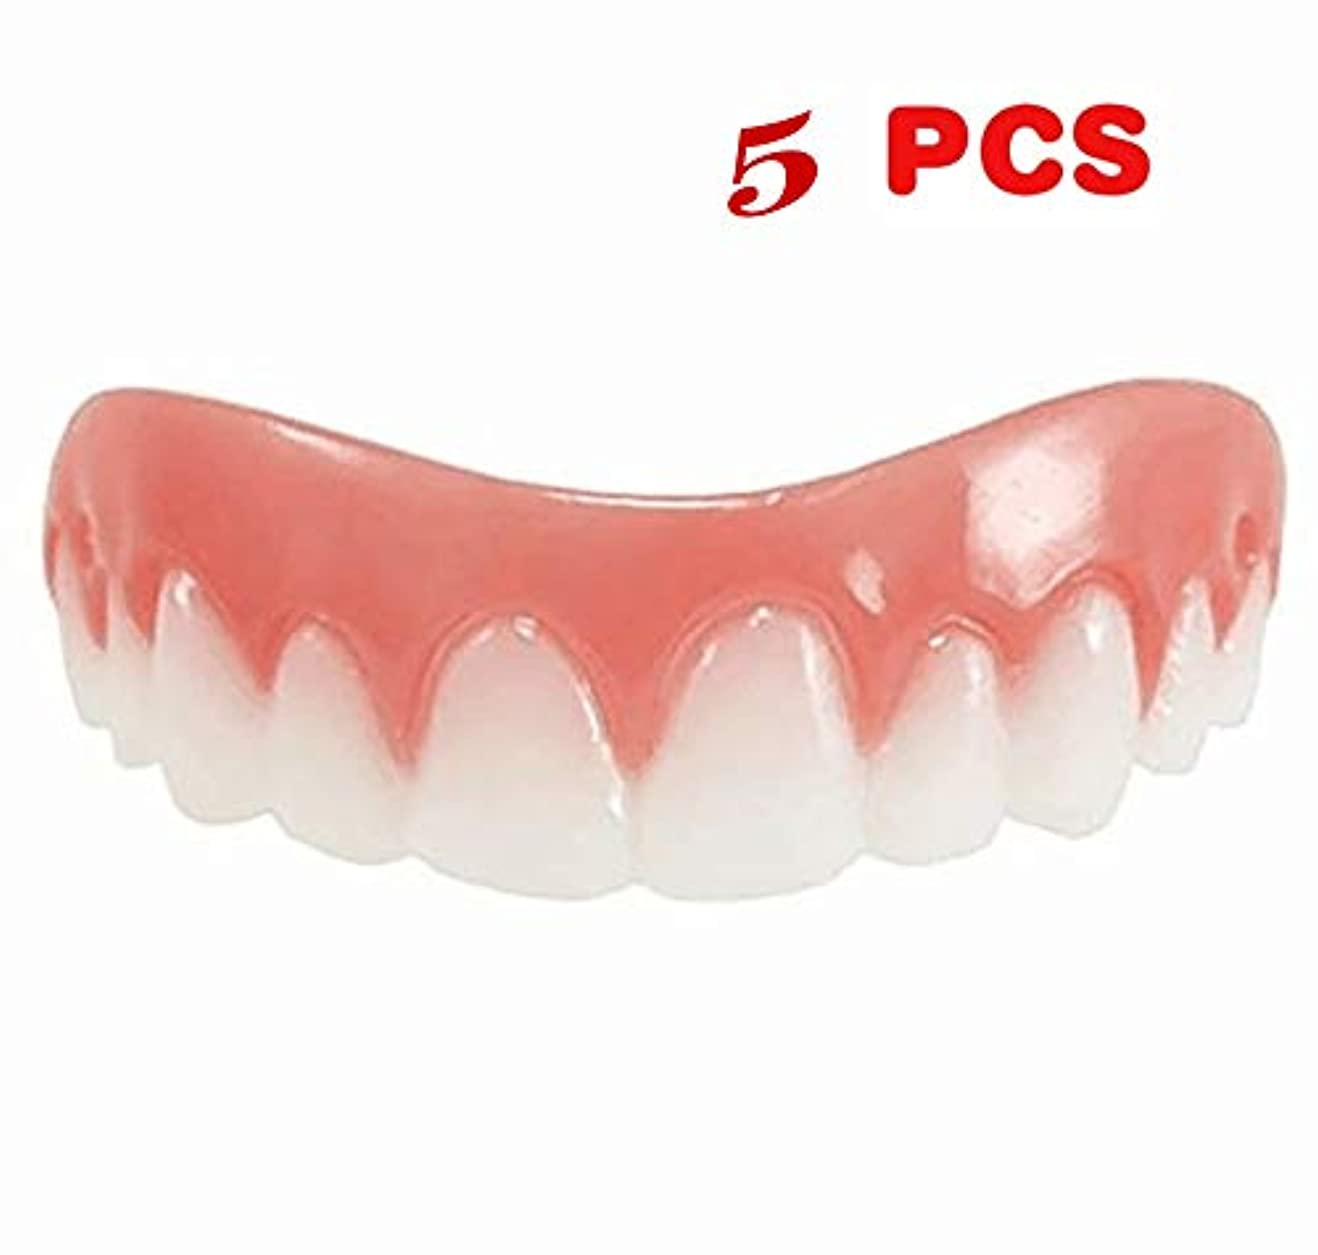 変色する汚染された存在新しい再利用可能な大人のスナップオンパーフェクトスマイルホワイトニング義歯フィットフレックス化粧品歯快適なベニアカバーデンタルケアアクセサリー